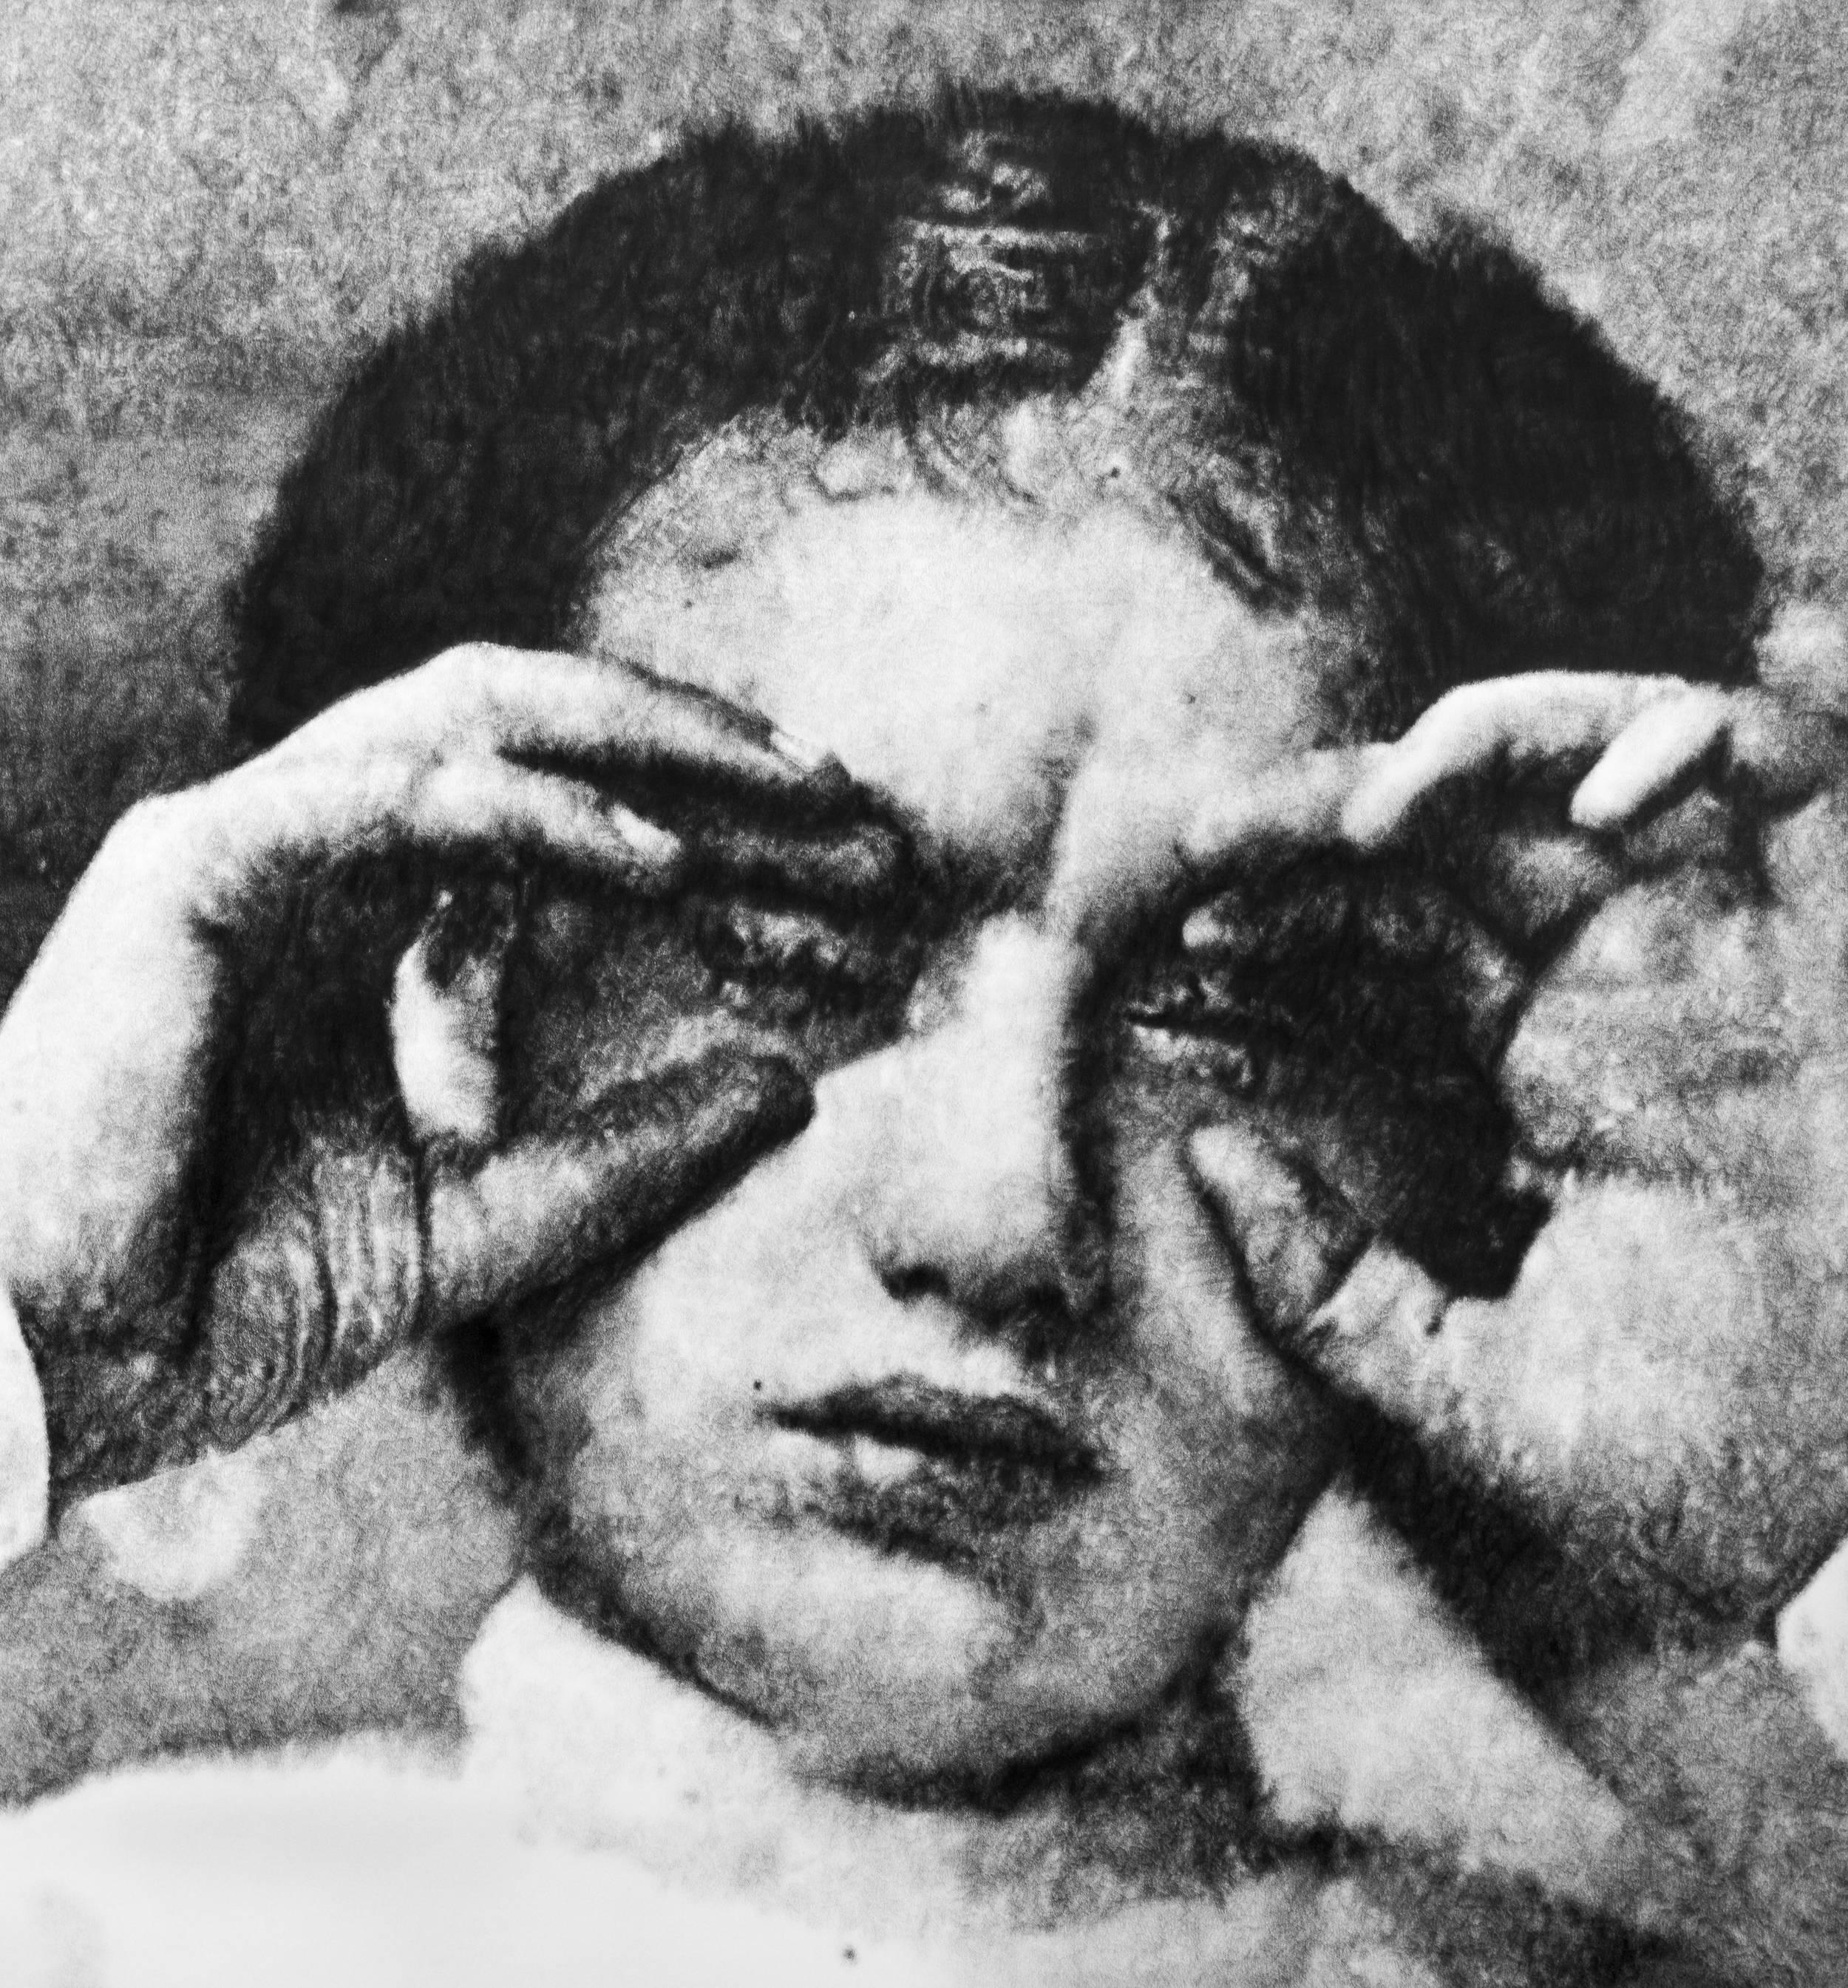 """Éric Manigaud, """"Trachoma pannus keratitis, 1916"""", 145 x 153 cm, 2015"""